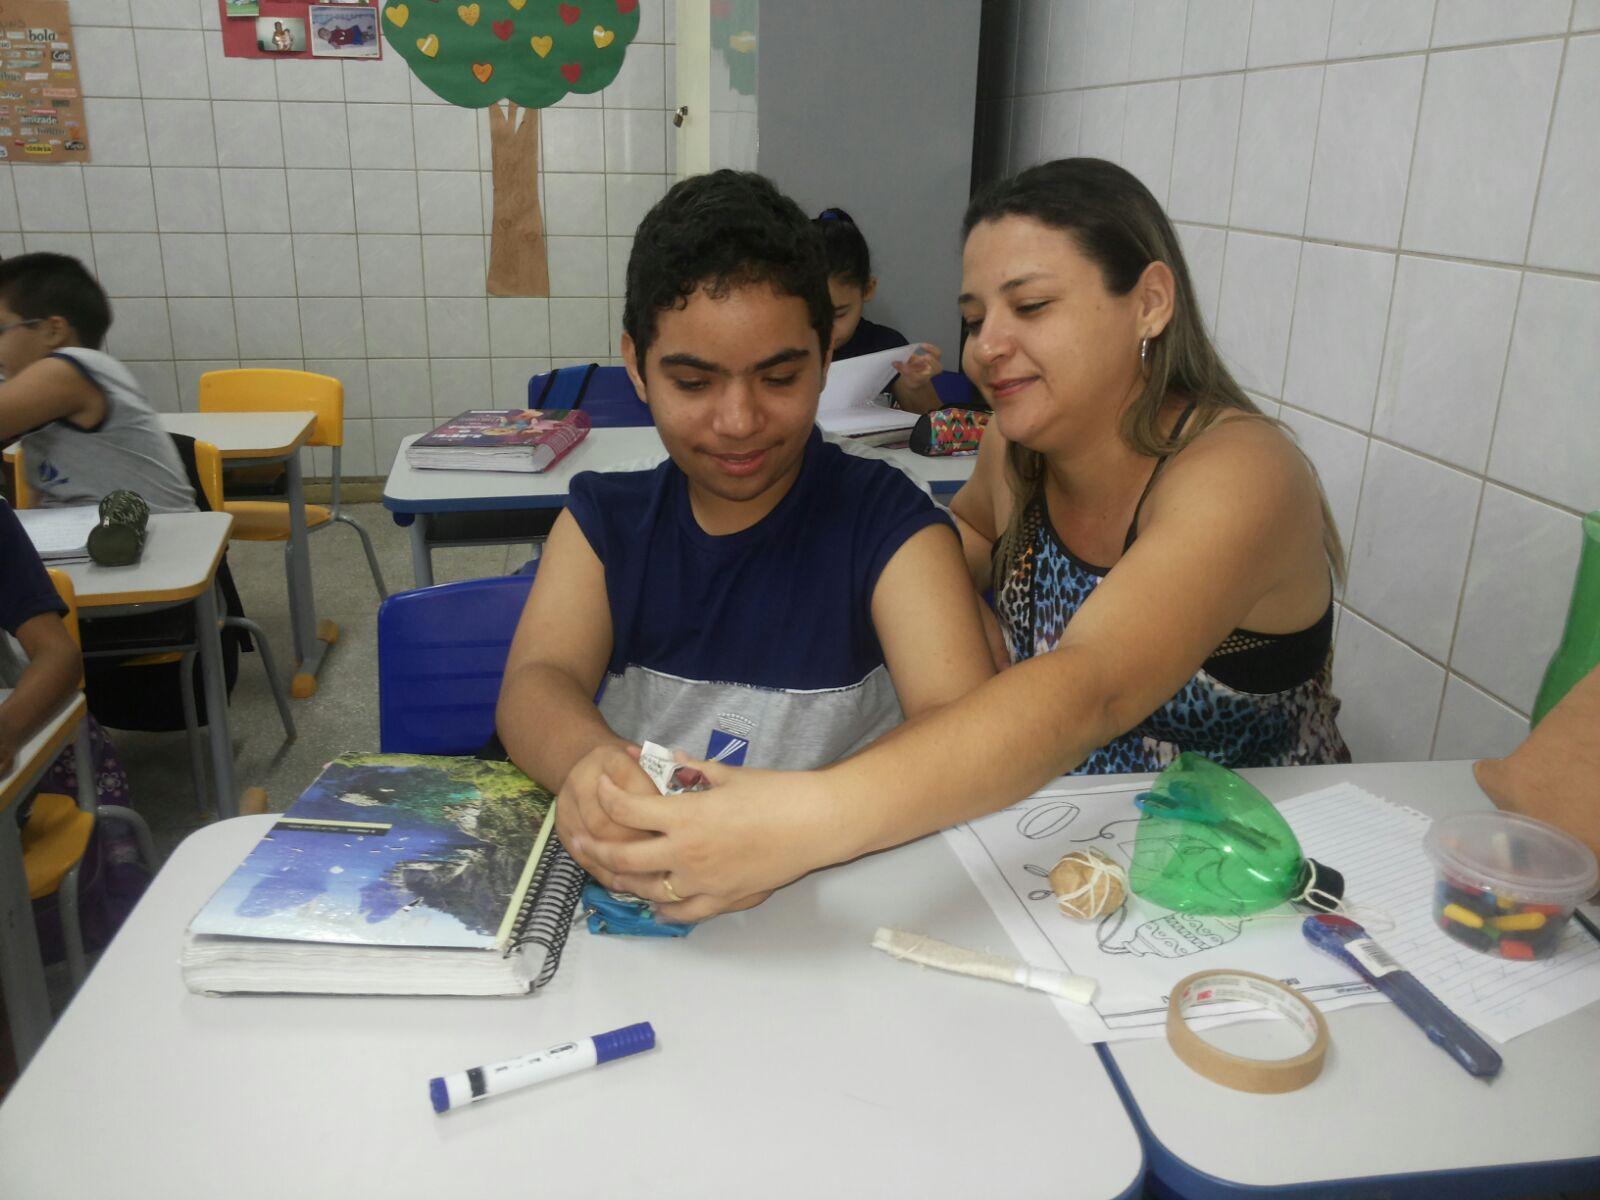 Professora auxilia estudante durante oficina de confecção de brinquedos. Os dois estão sentados lado a lado e sobre as carteiras há materiais como durex, garrafa, caneta, tesoura etc.